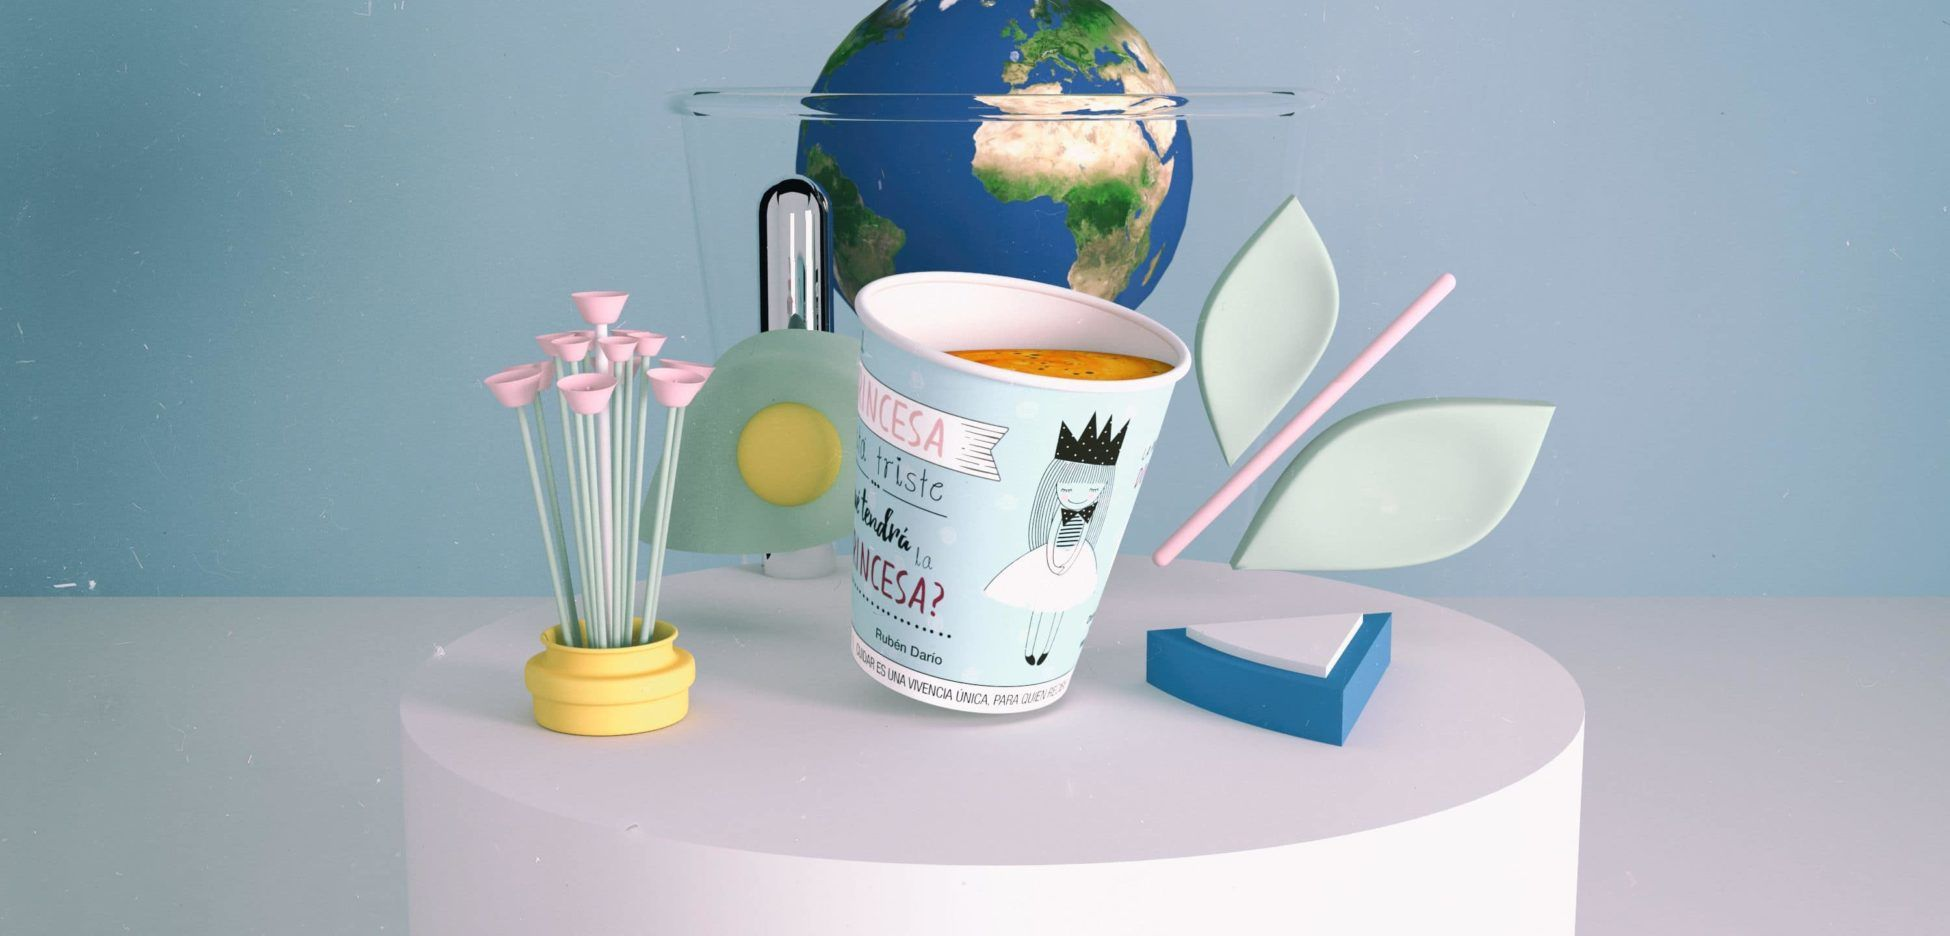 alliance vending vasos de papel ecologico reciclable fuentes sostenibles